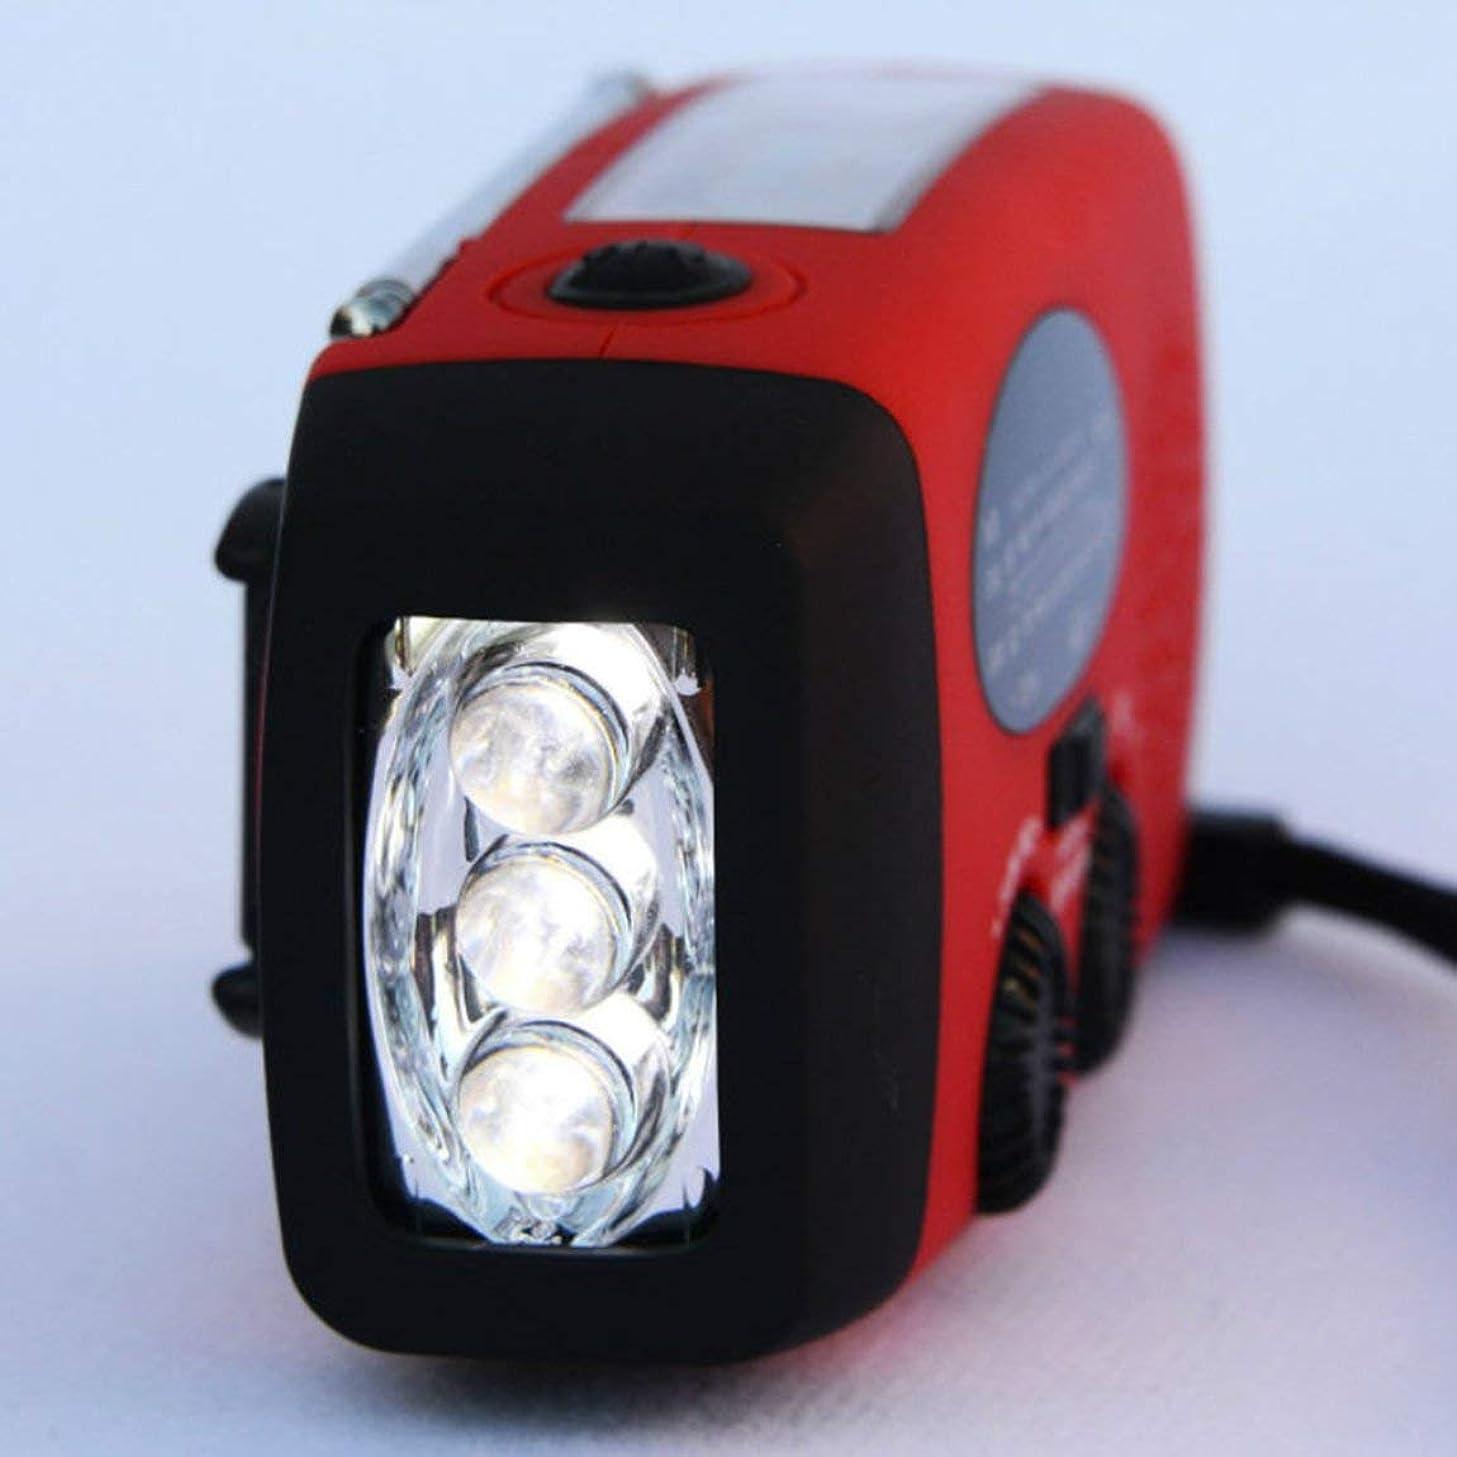 自宅でこねる松Protable Emergency Hand Crank Generator AM/FM/WB Radio Flashlight Charger Waterproof Emergency Survival Tools HY-88WB